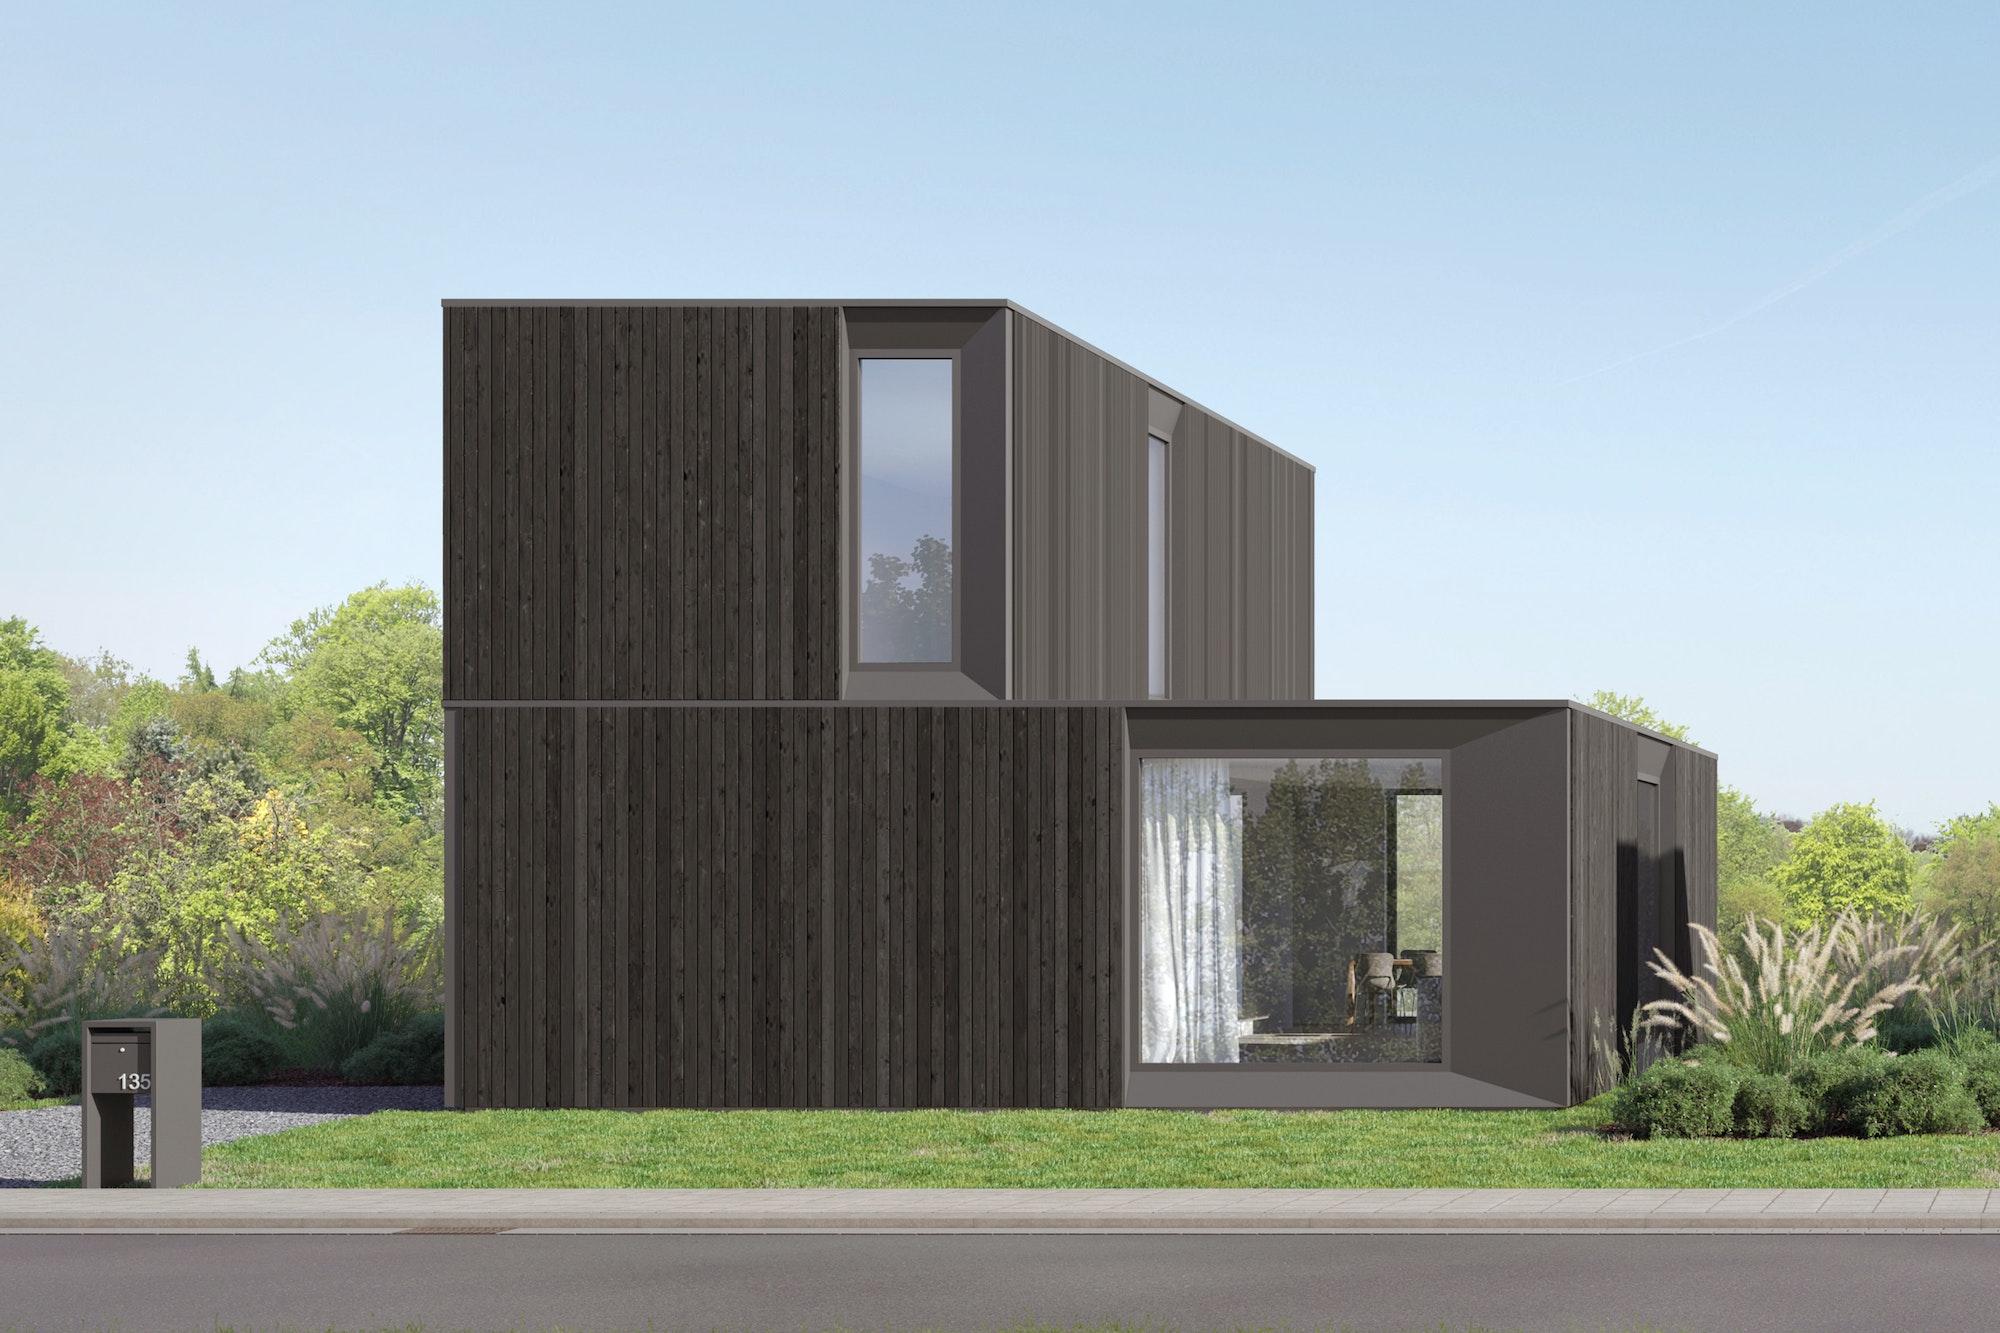 Skilpod #135 — houtskeletbouw woning met 3 slaapkamers, modern design met zwart hout